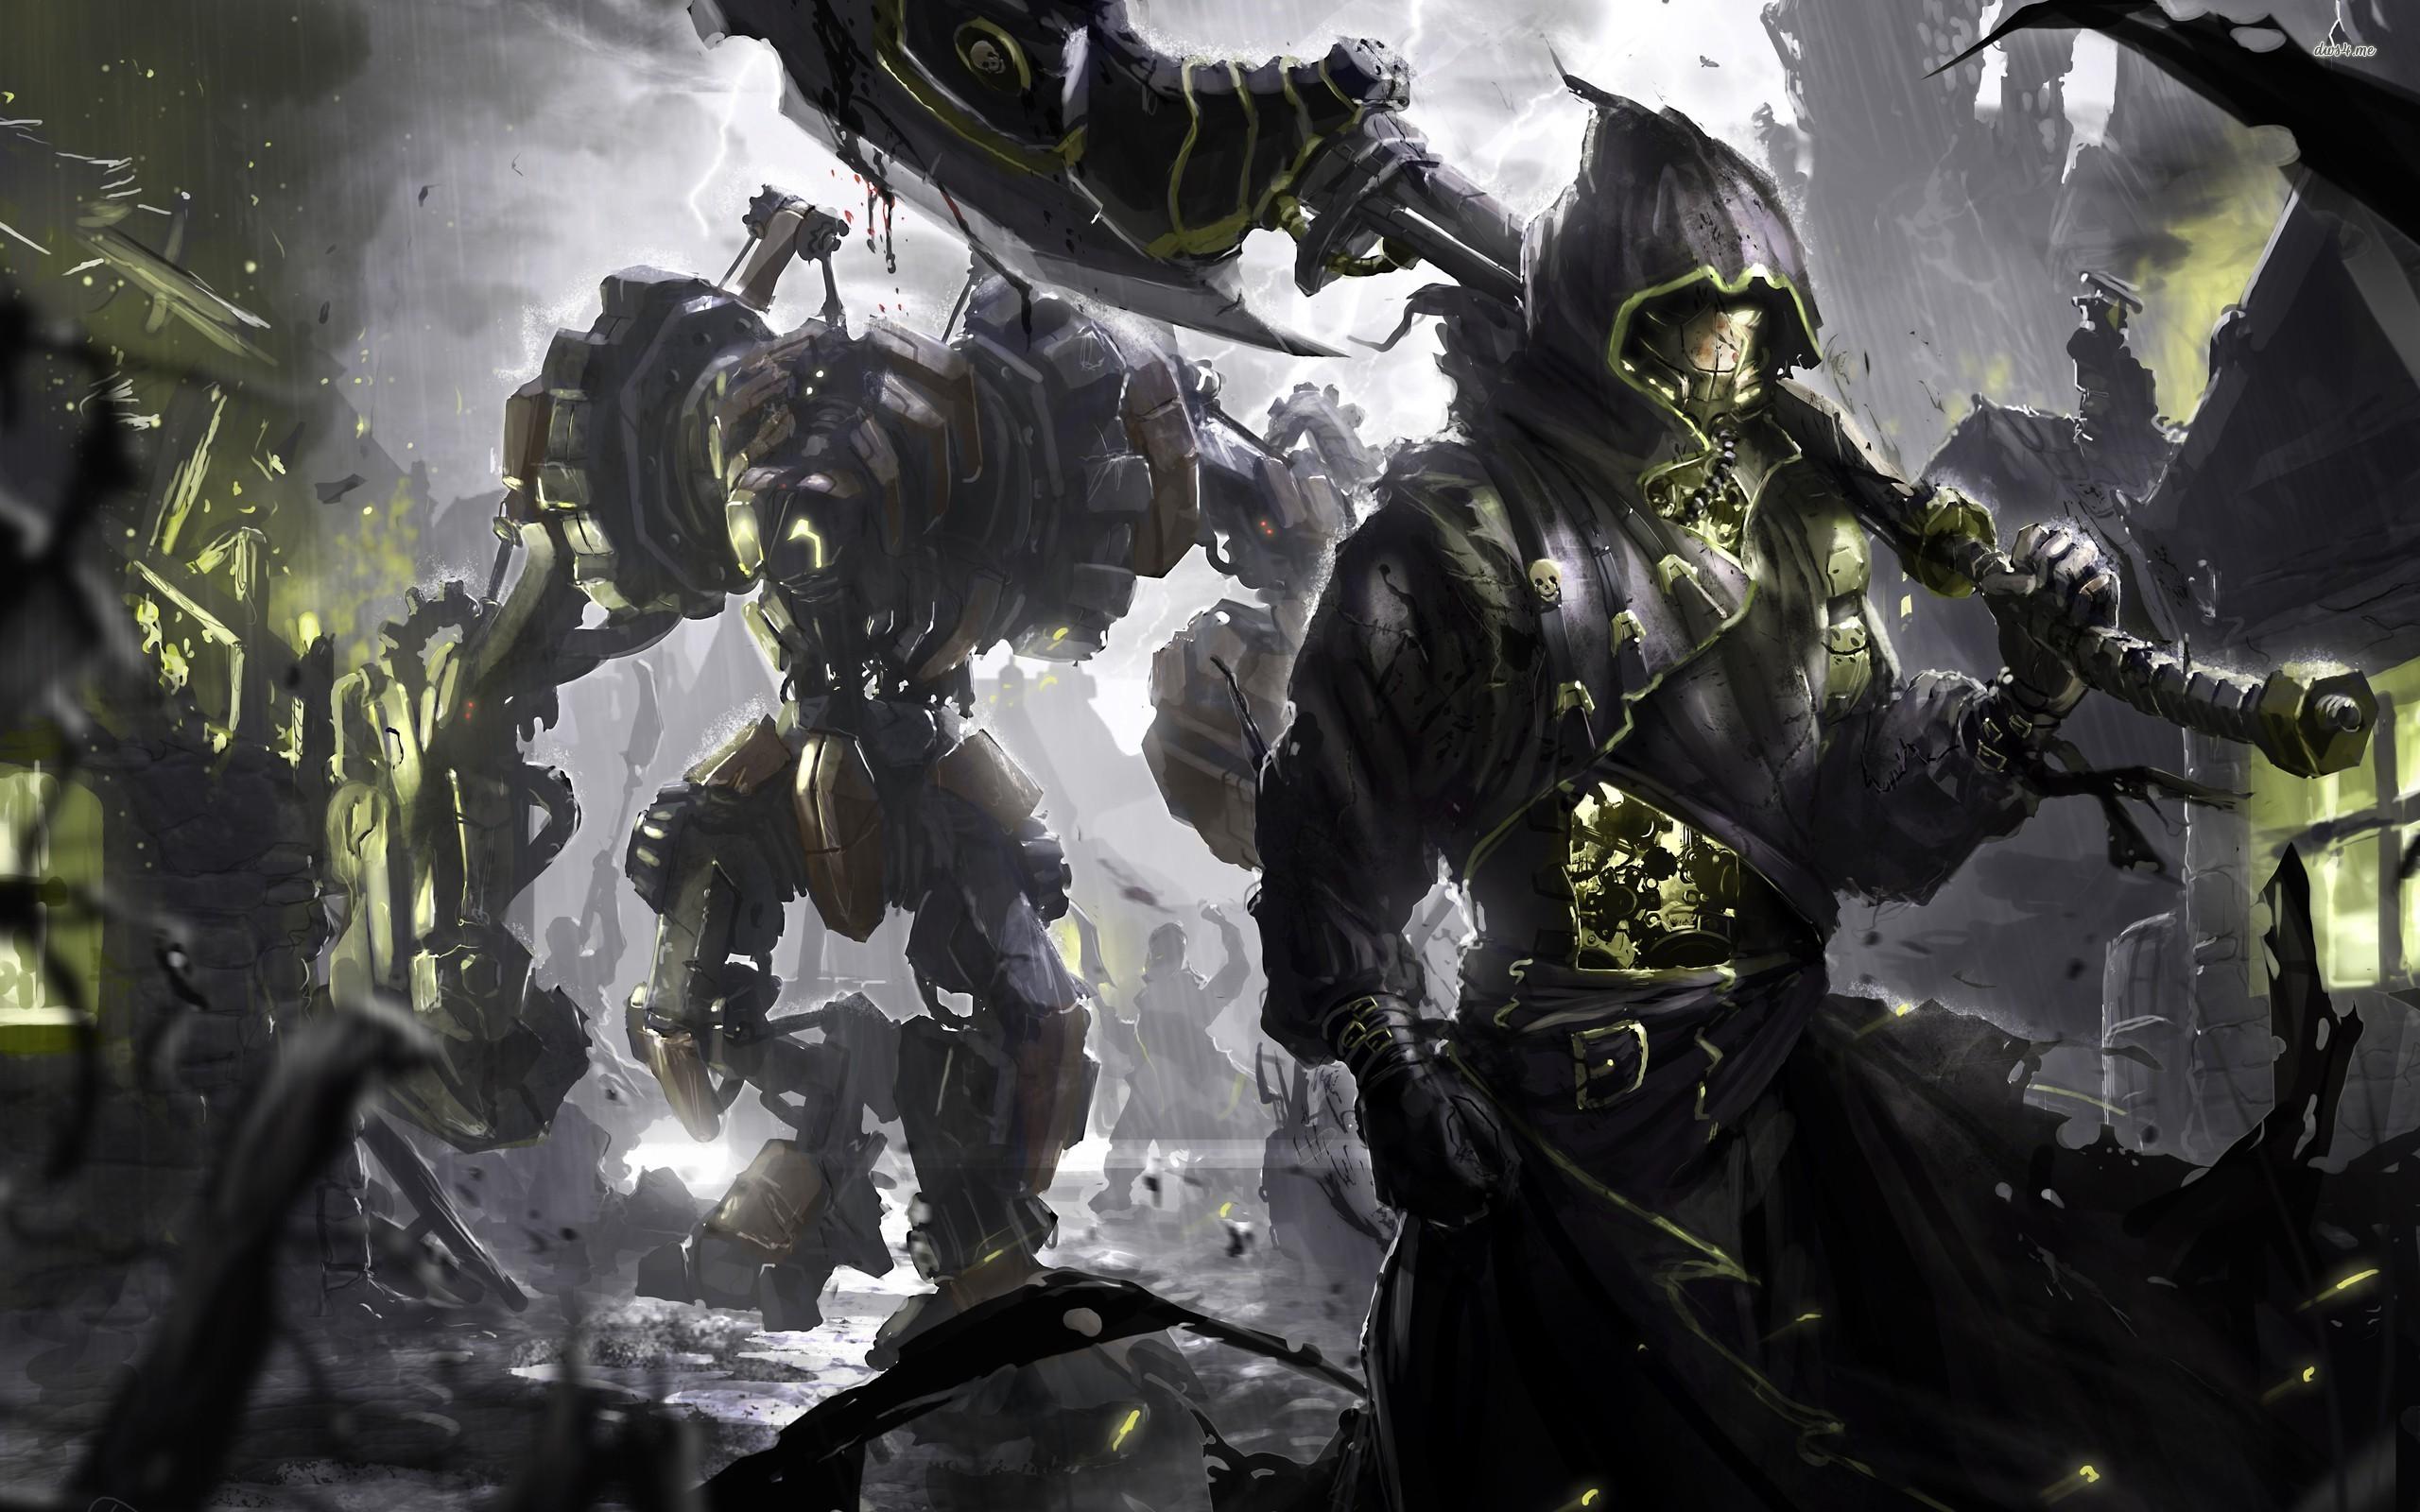 ... Robot warriors wallpaper 2560x1600 ...